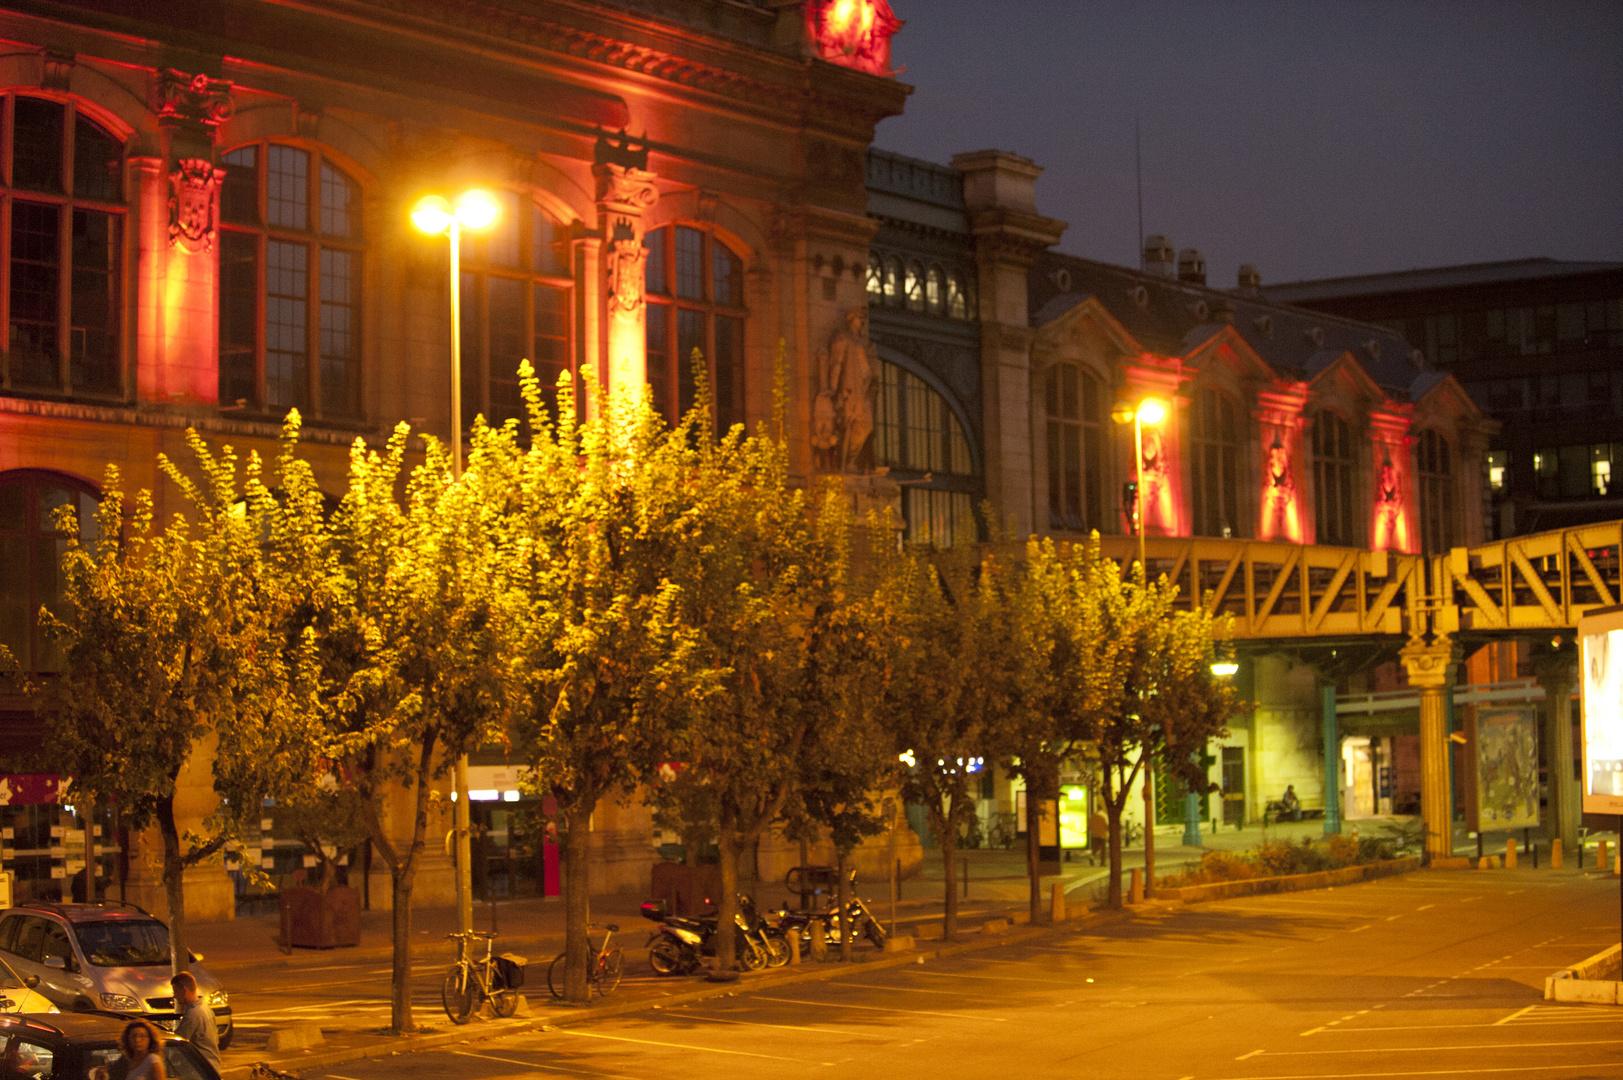 Paris gare d'austerlitz, lever du soleil 3